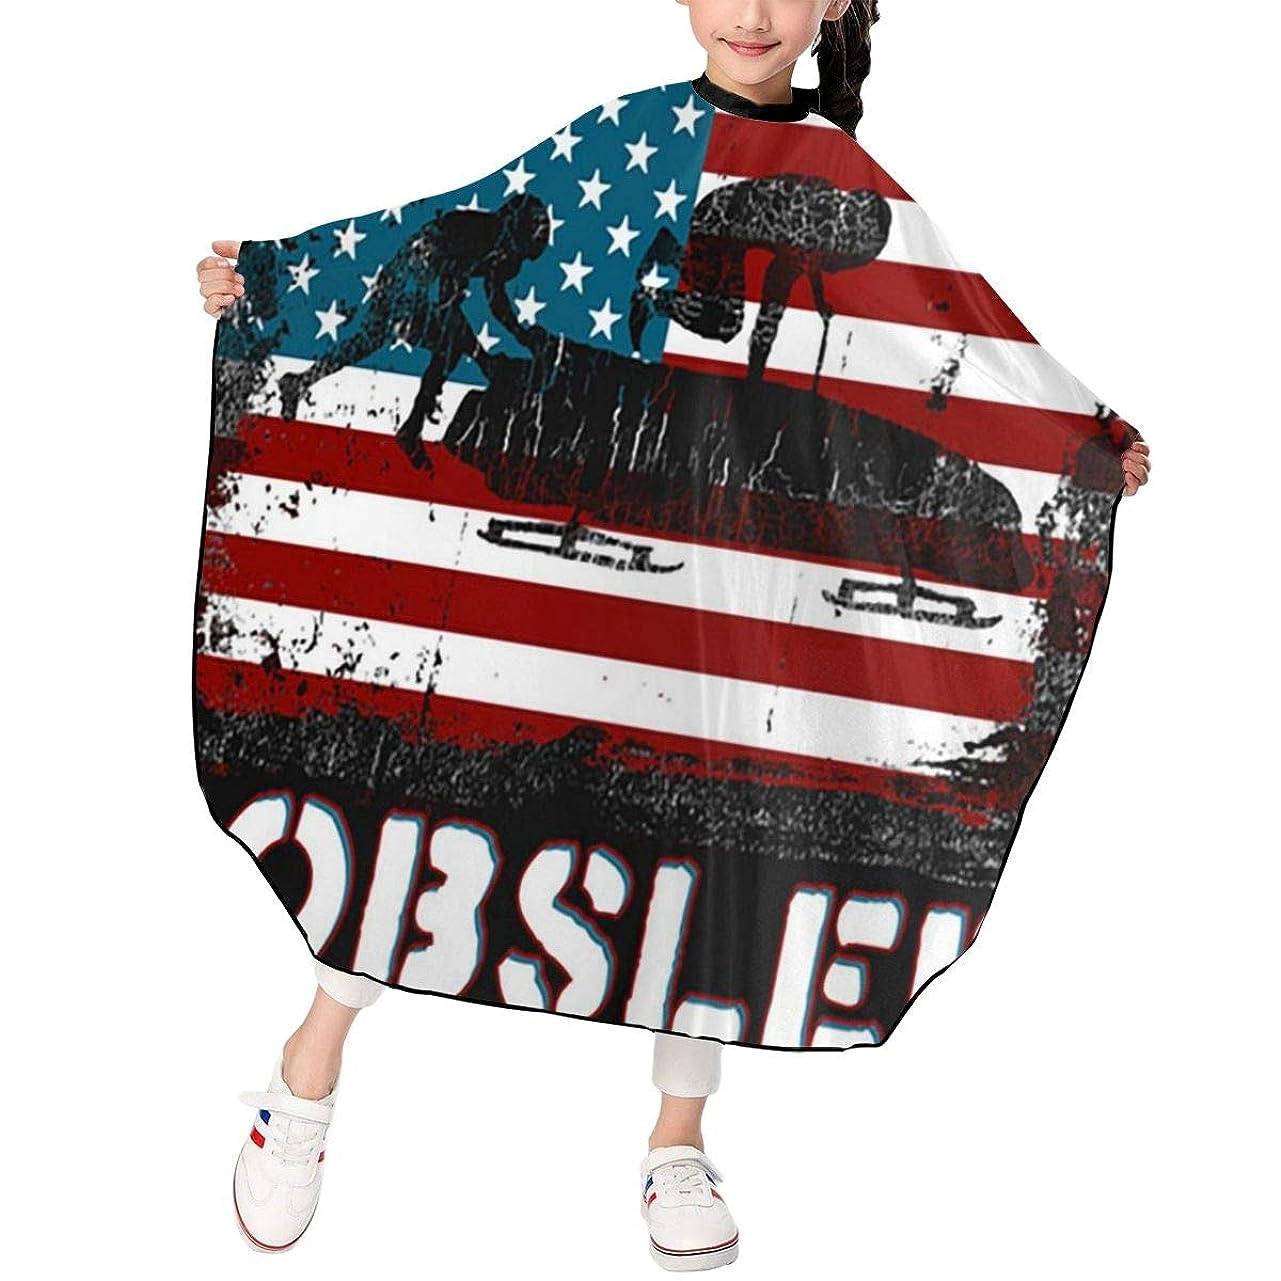 フィラデルフィア従う遮る最新の人気ヘアカットエプロン 子供用ヘアカットエプロン120×100cm アメリカそりの国旗 柔らかく、軽量で、繊細なポリエステル生地、肌にやさしい、ドライ